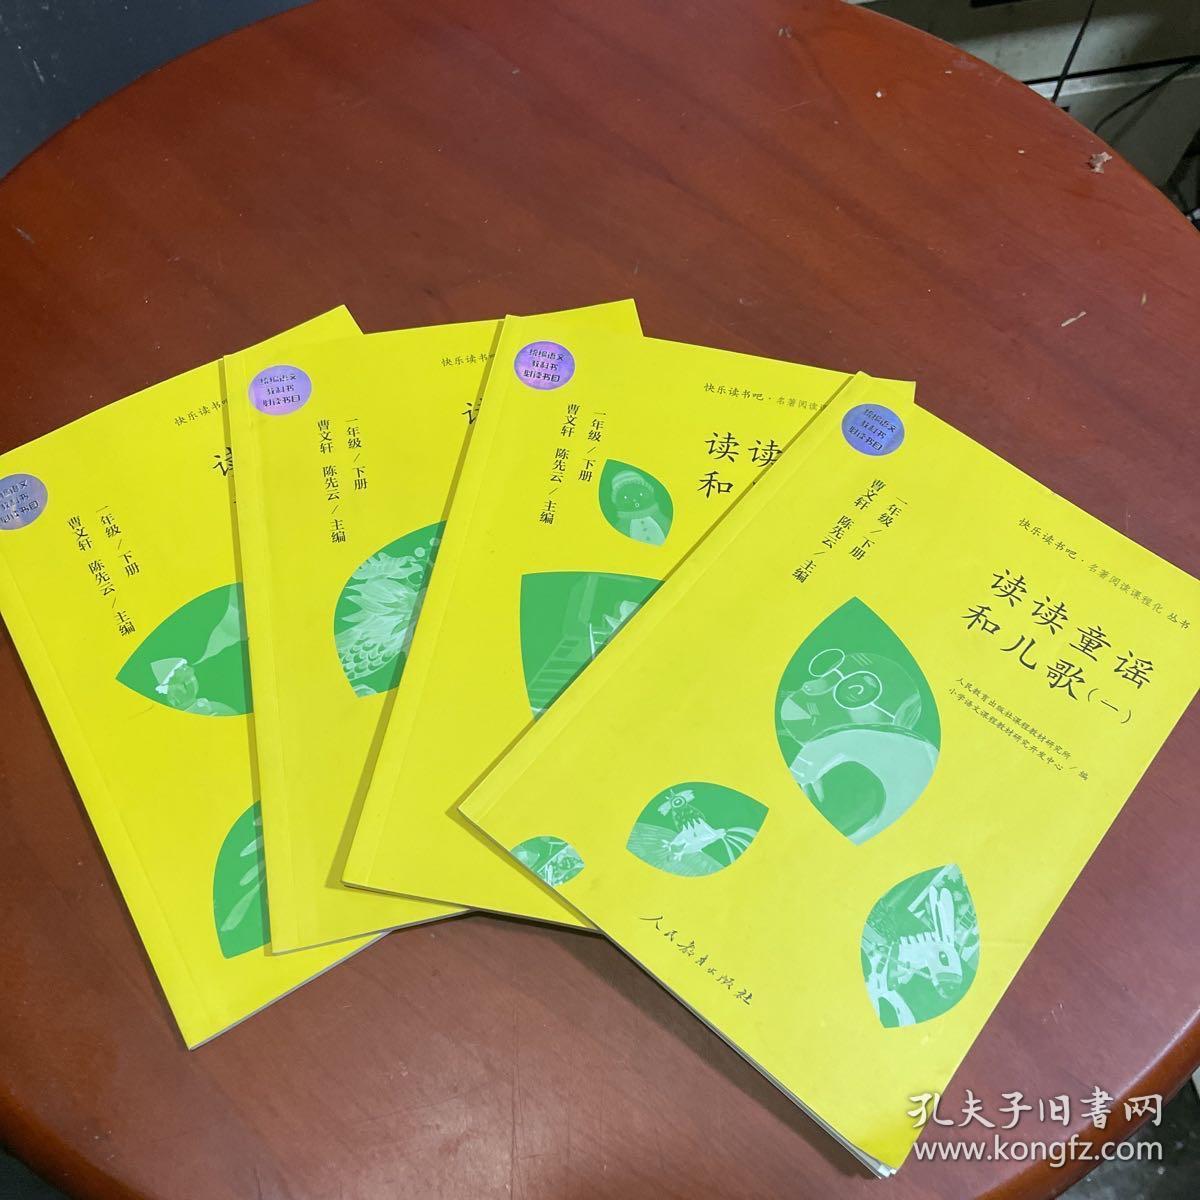 统编语文教科书必读书目 快乐读书吧 名著阅读课程化丛书 一年级下册 读读童谣和儿歌(套装共4册